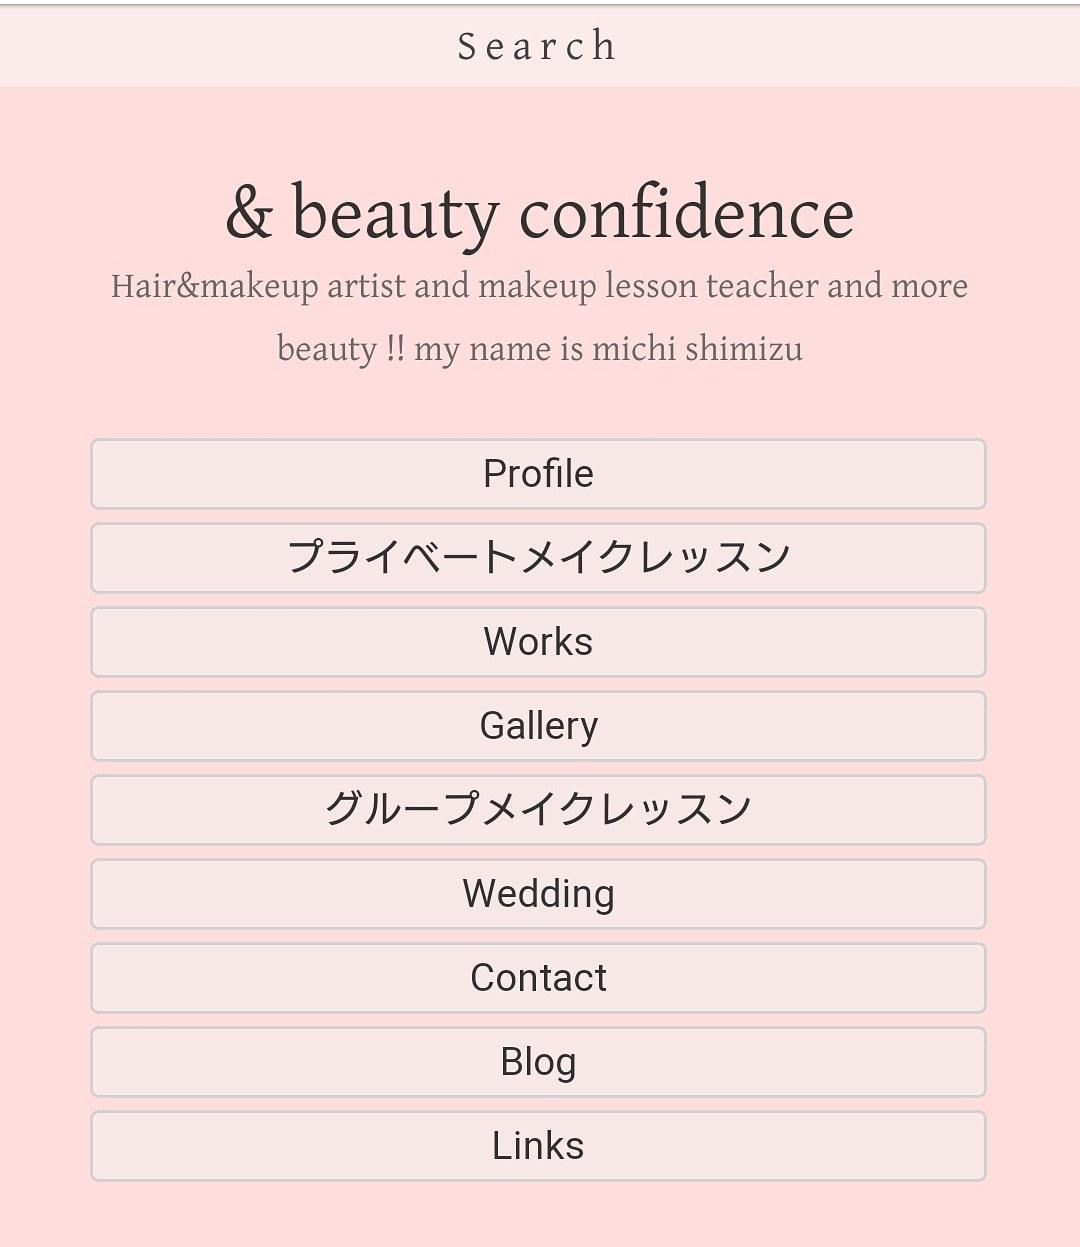 メイクアップアーティスト 清水美知さんのホームページ。_b0277645_10510627.jpg